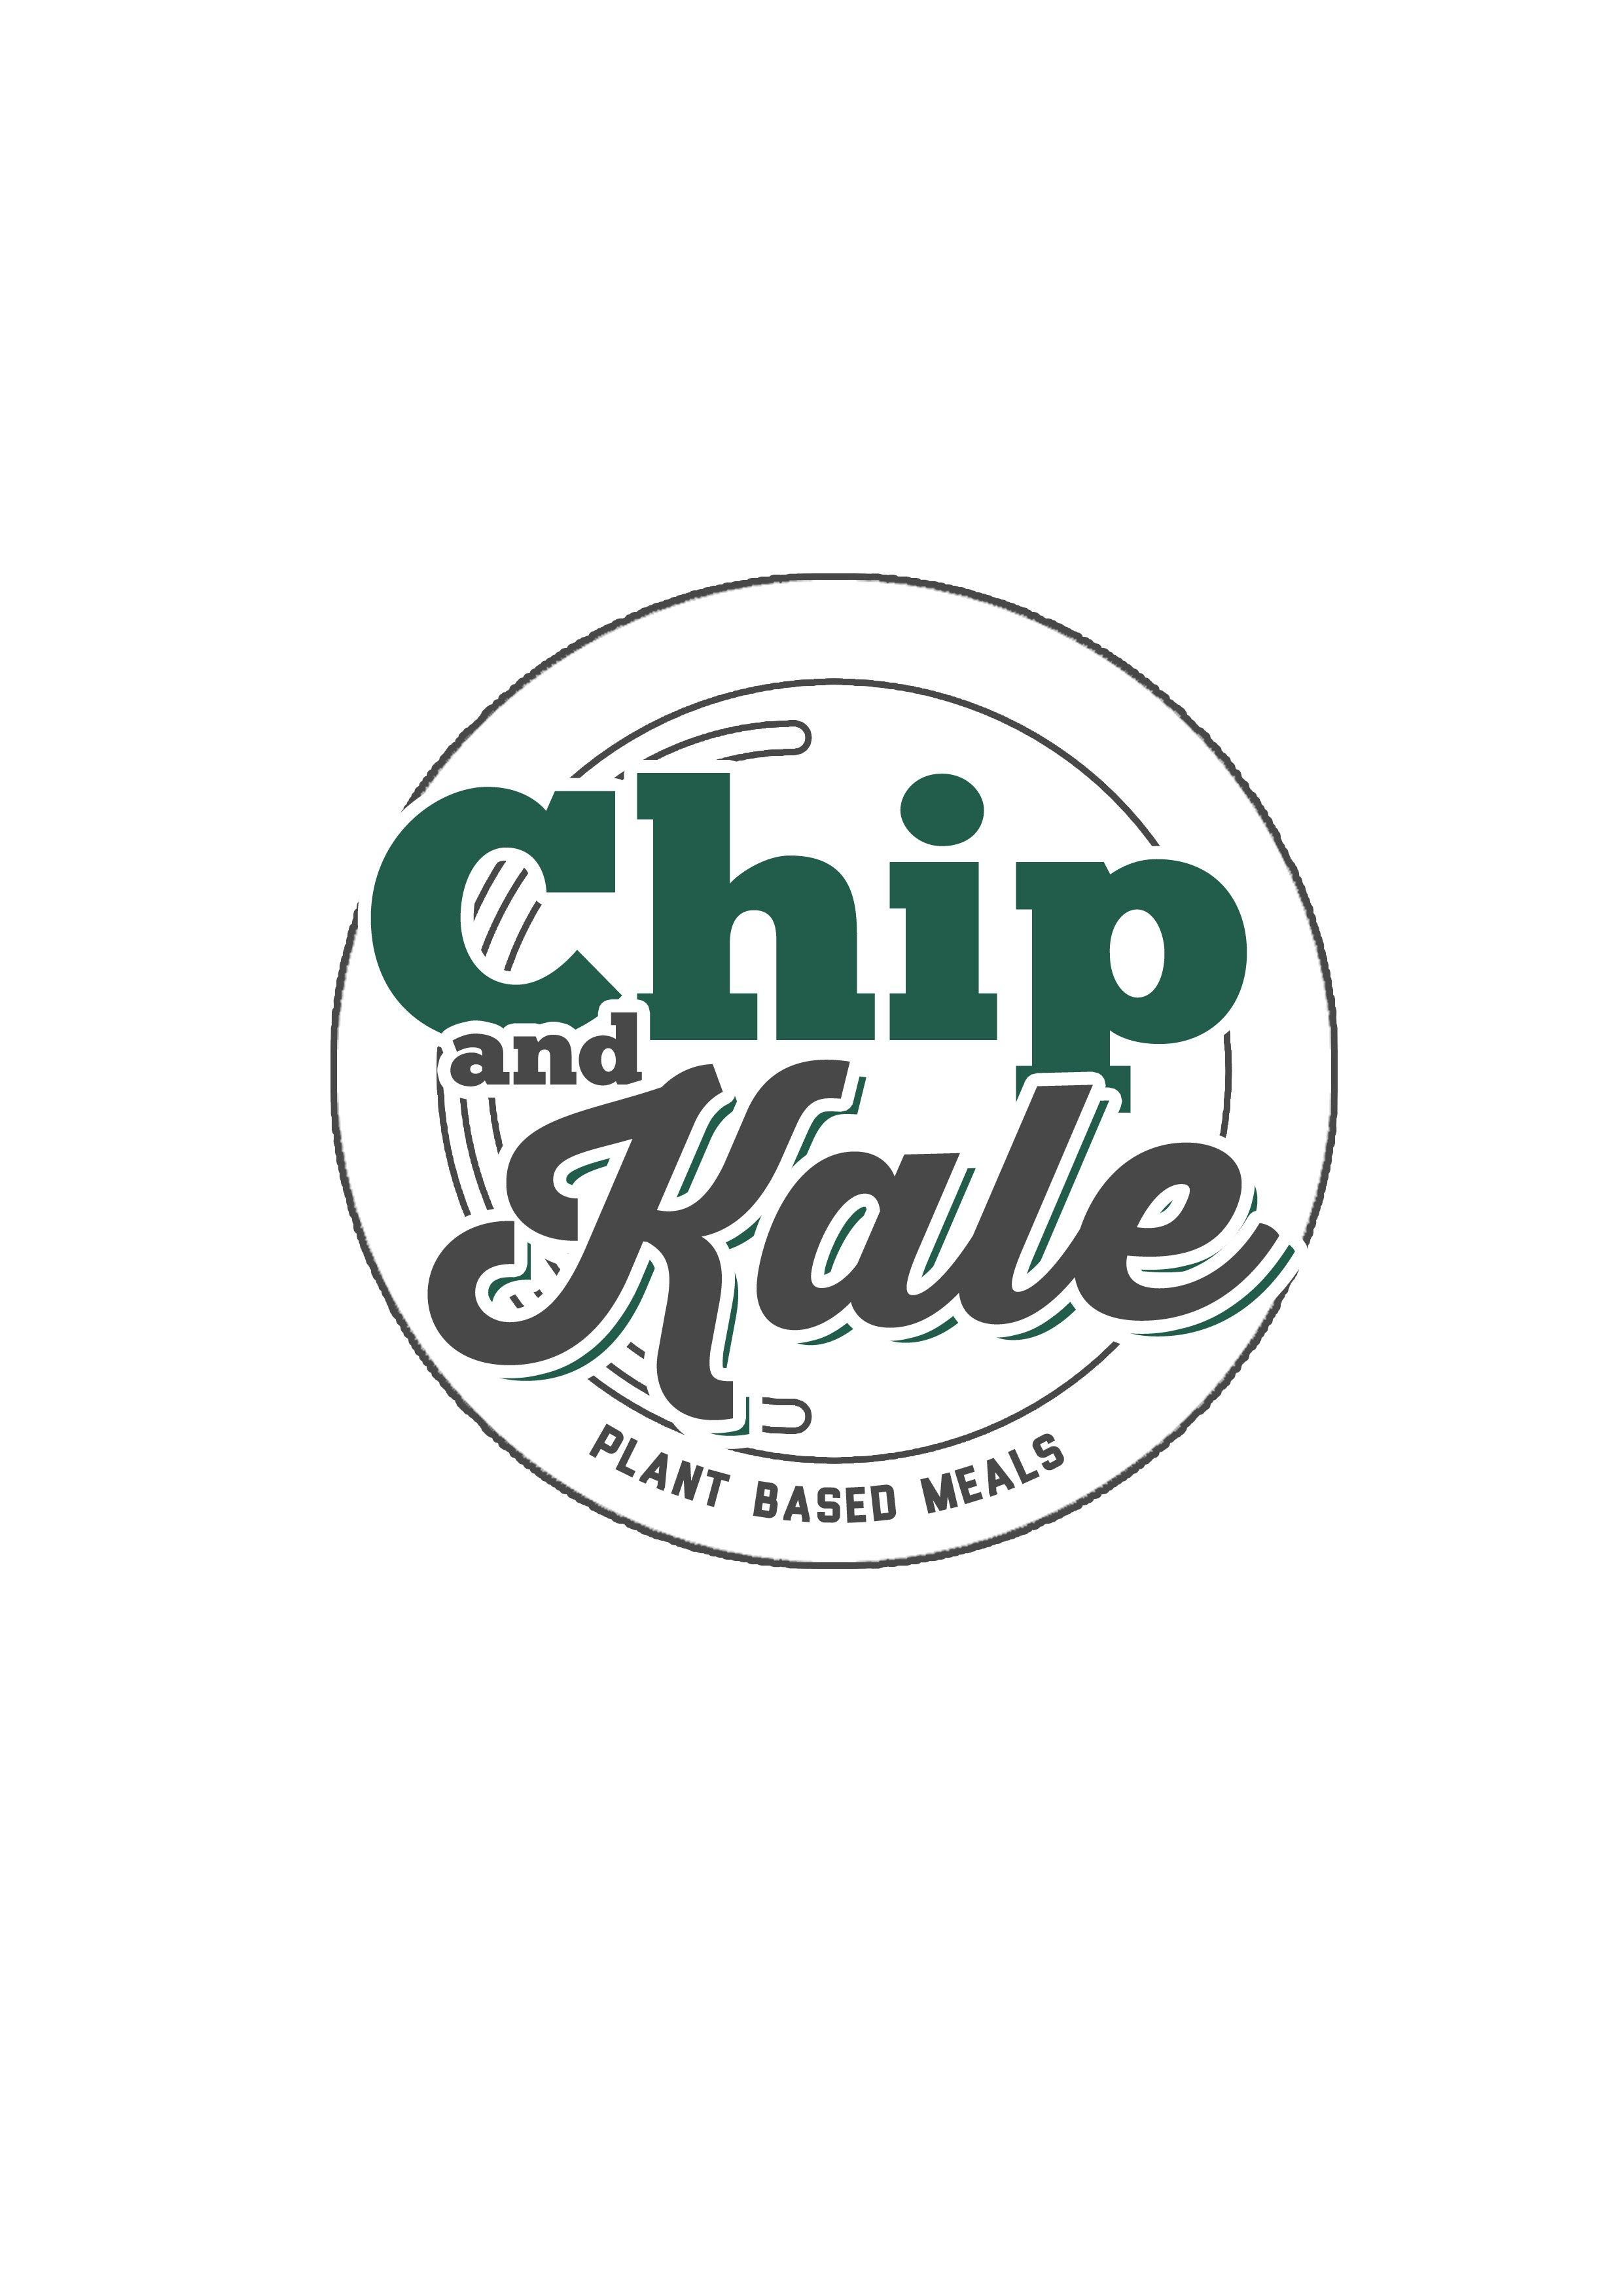 Chip and Kale Affiliation Program